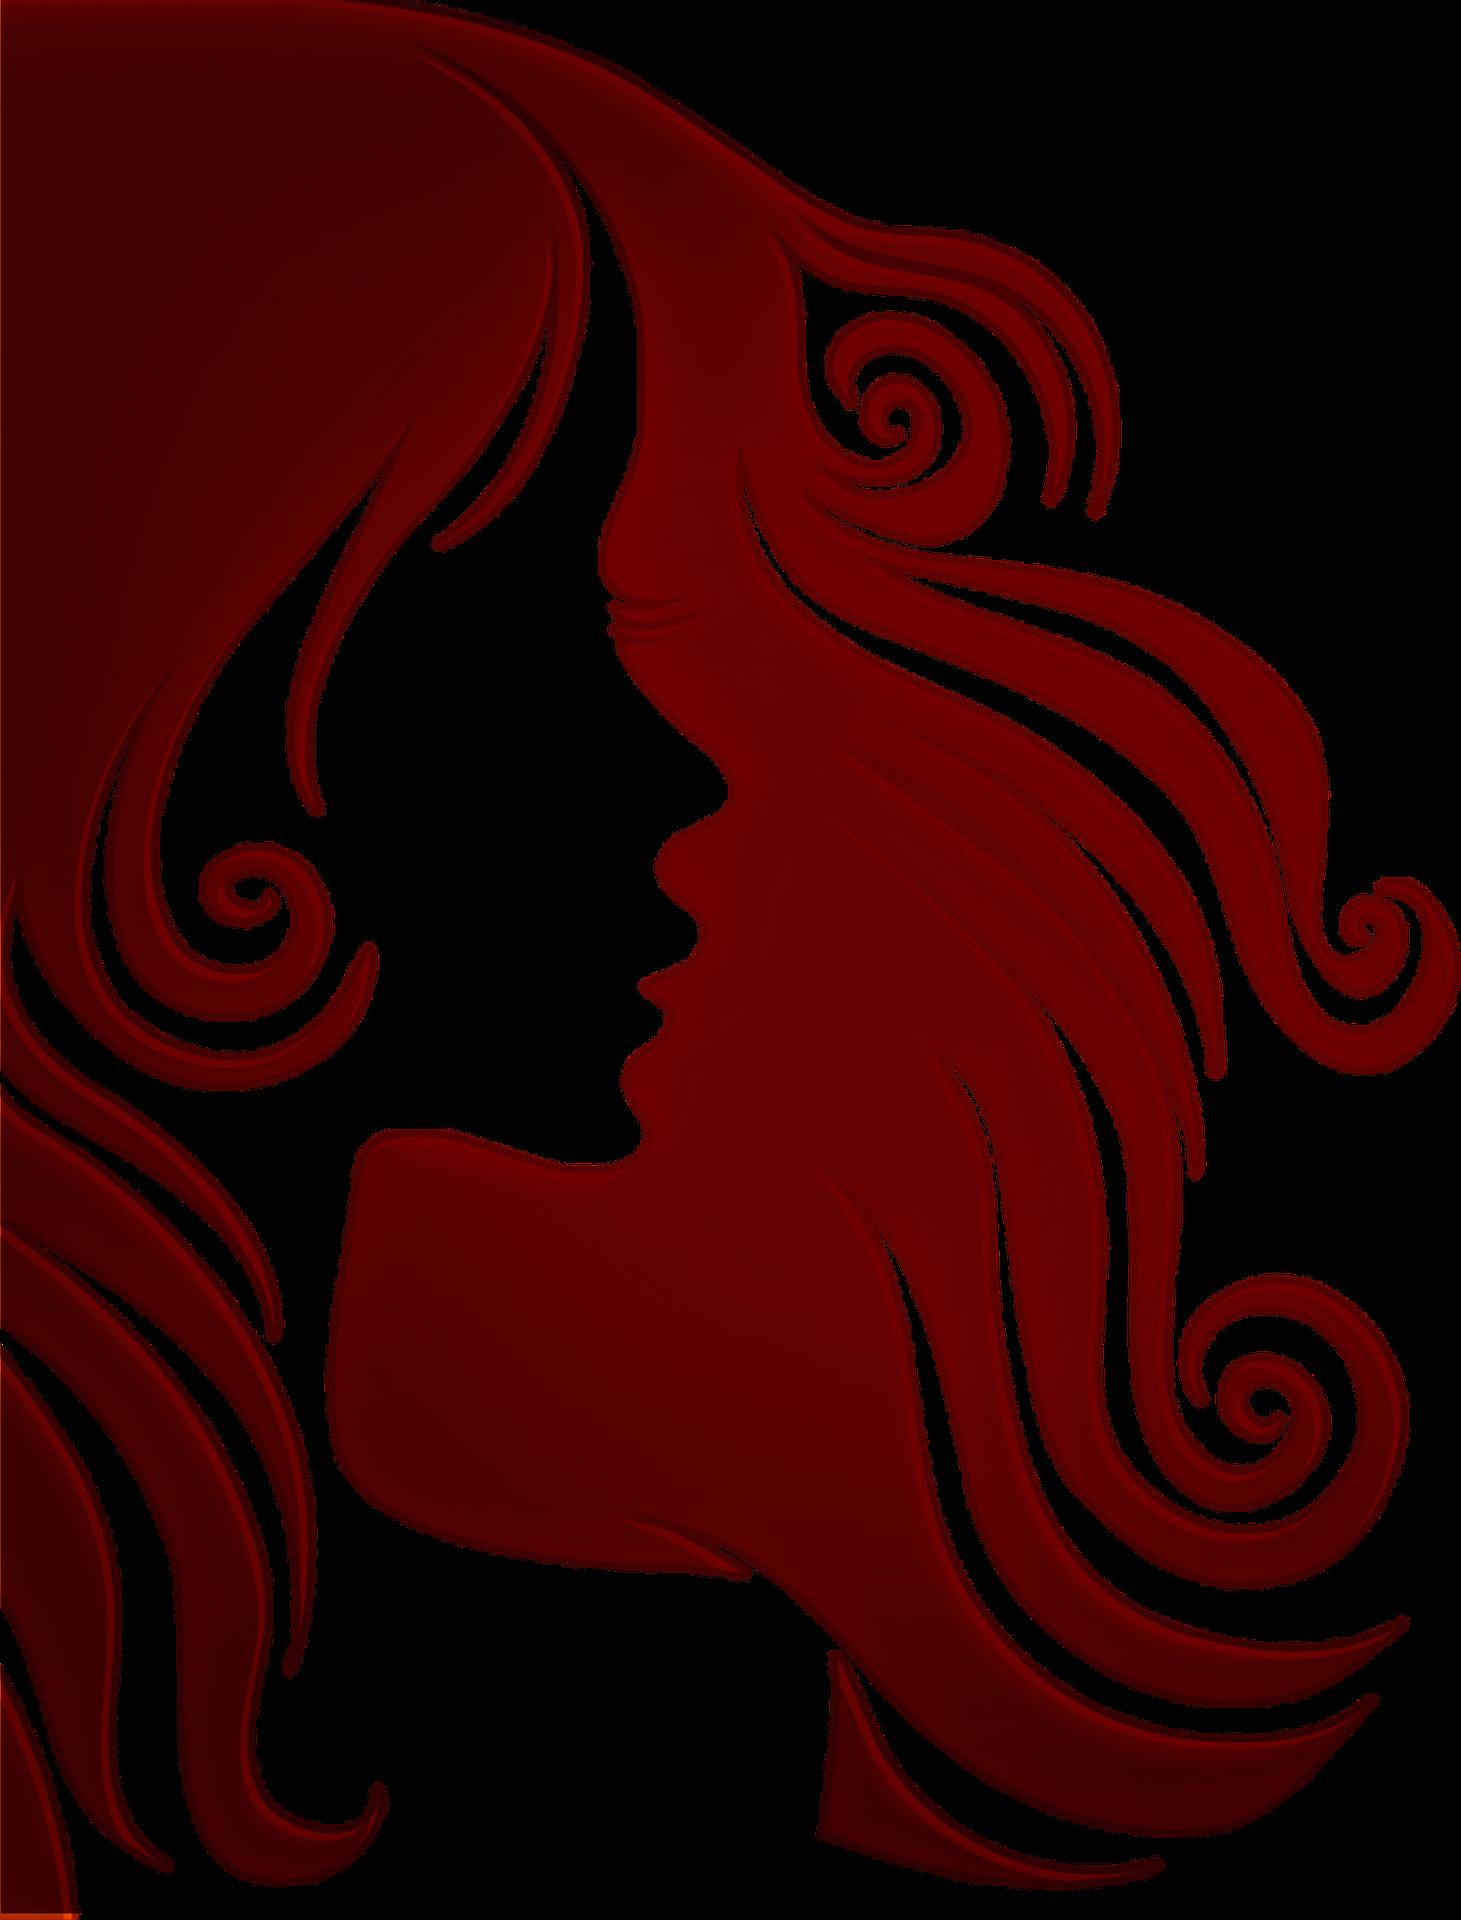 woman-507444_1920